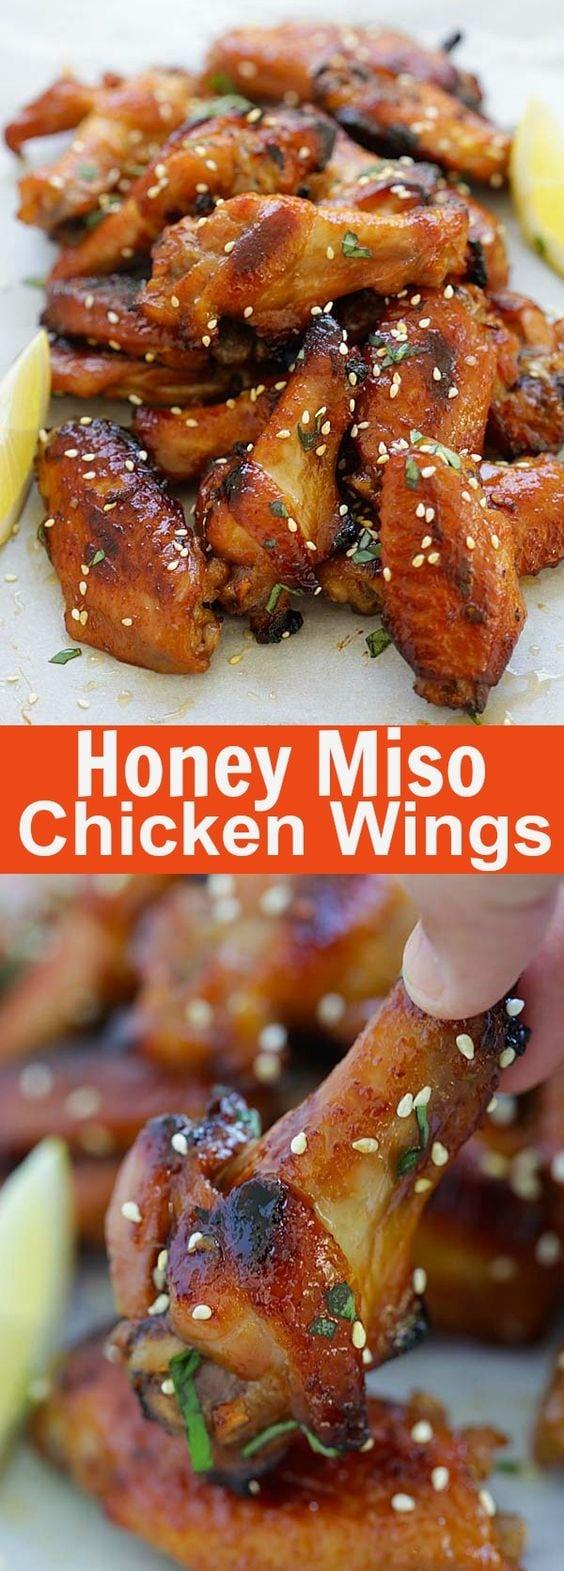 Ailes de poulet au miso au miel - ailes de poulet sucrées et salées à saveur japonaise avec miso et miel.  Tellement bon que tu ne peux pas arrêter de manger |  rasamalaysia.com